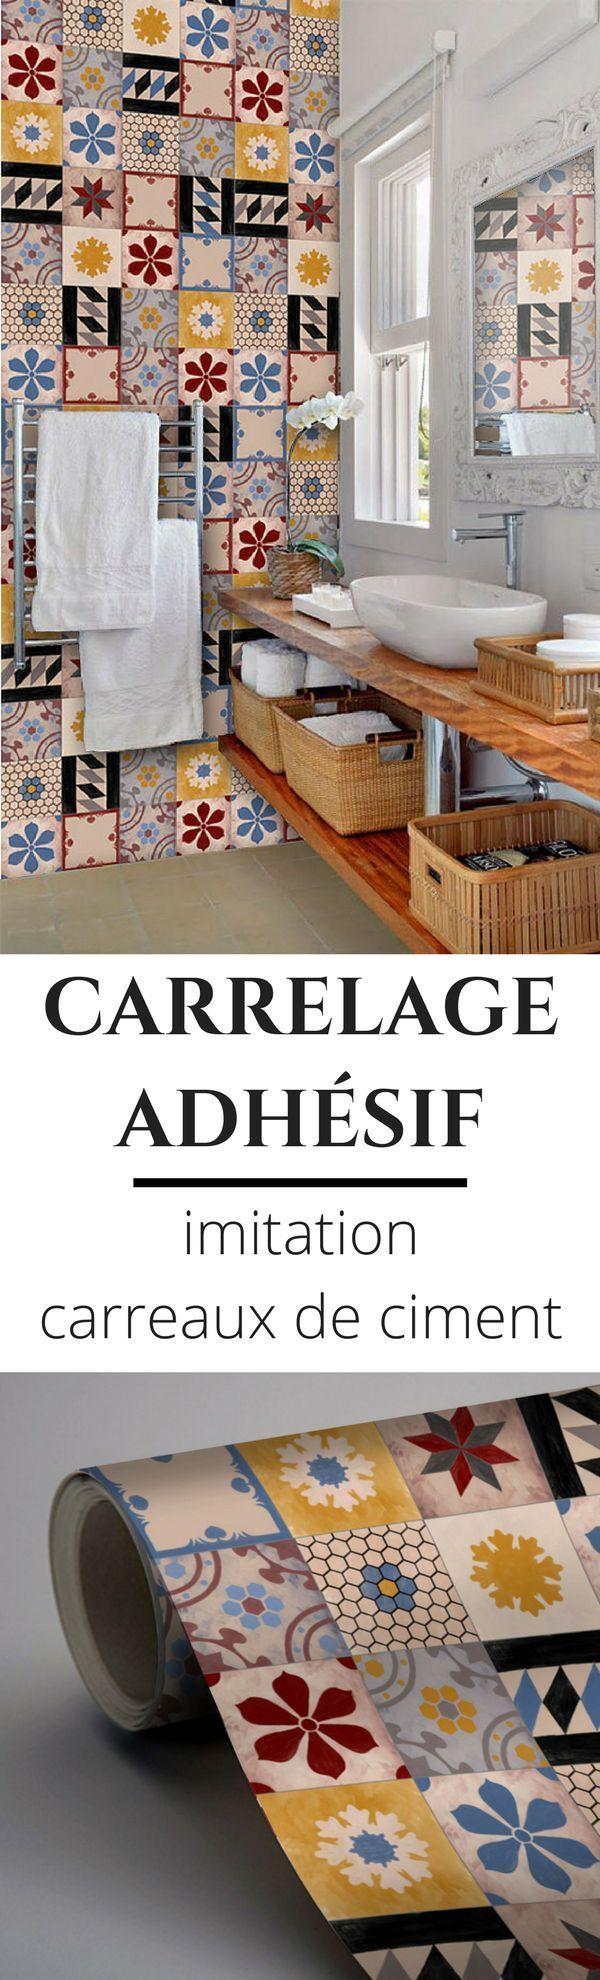 Trends Diy Decor Ideas : Du carrelage adhésif à coller au mur ou au sol pour imiter le look des carreau...  https://diypick.com/decoration/trends-diy-decor-ideas-du-carrelage-adhesif-a-coller-au-mur-ou-au-sol-pour-imiter-le-look-des-carreau/